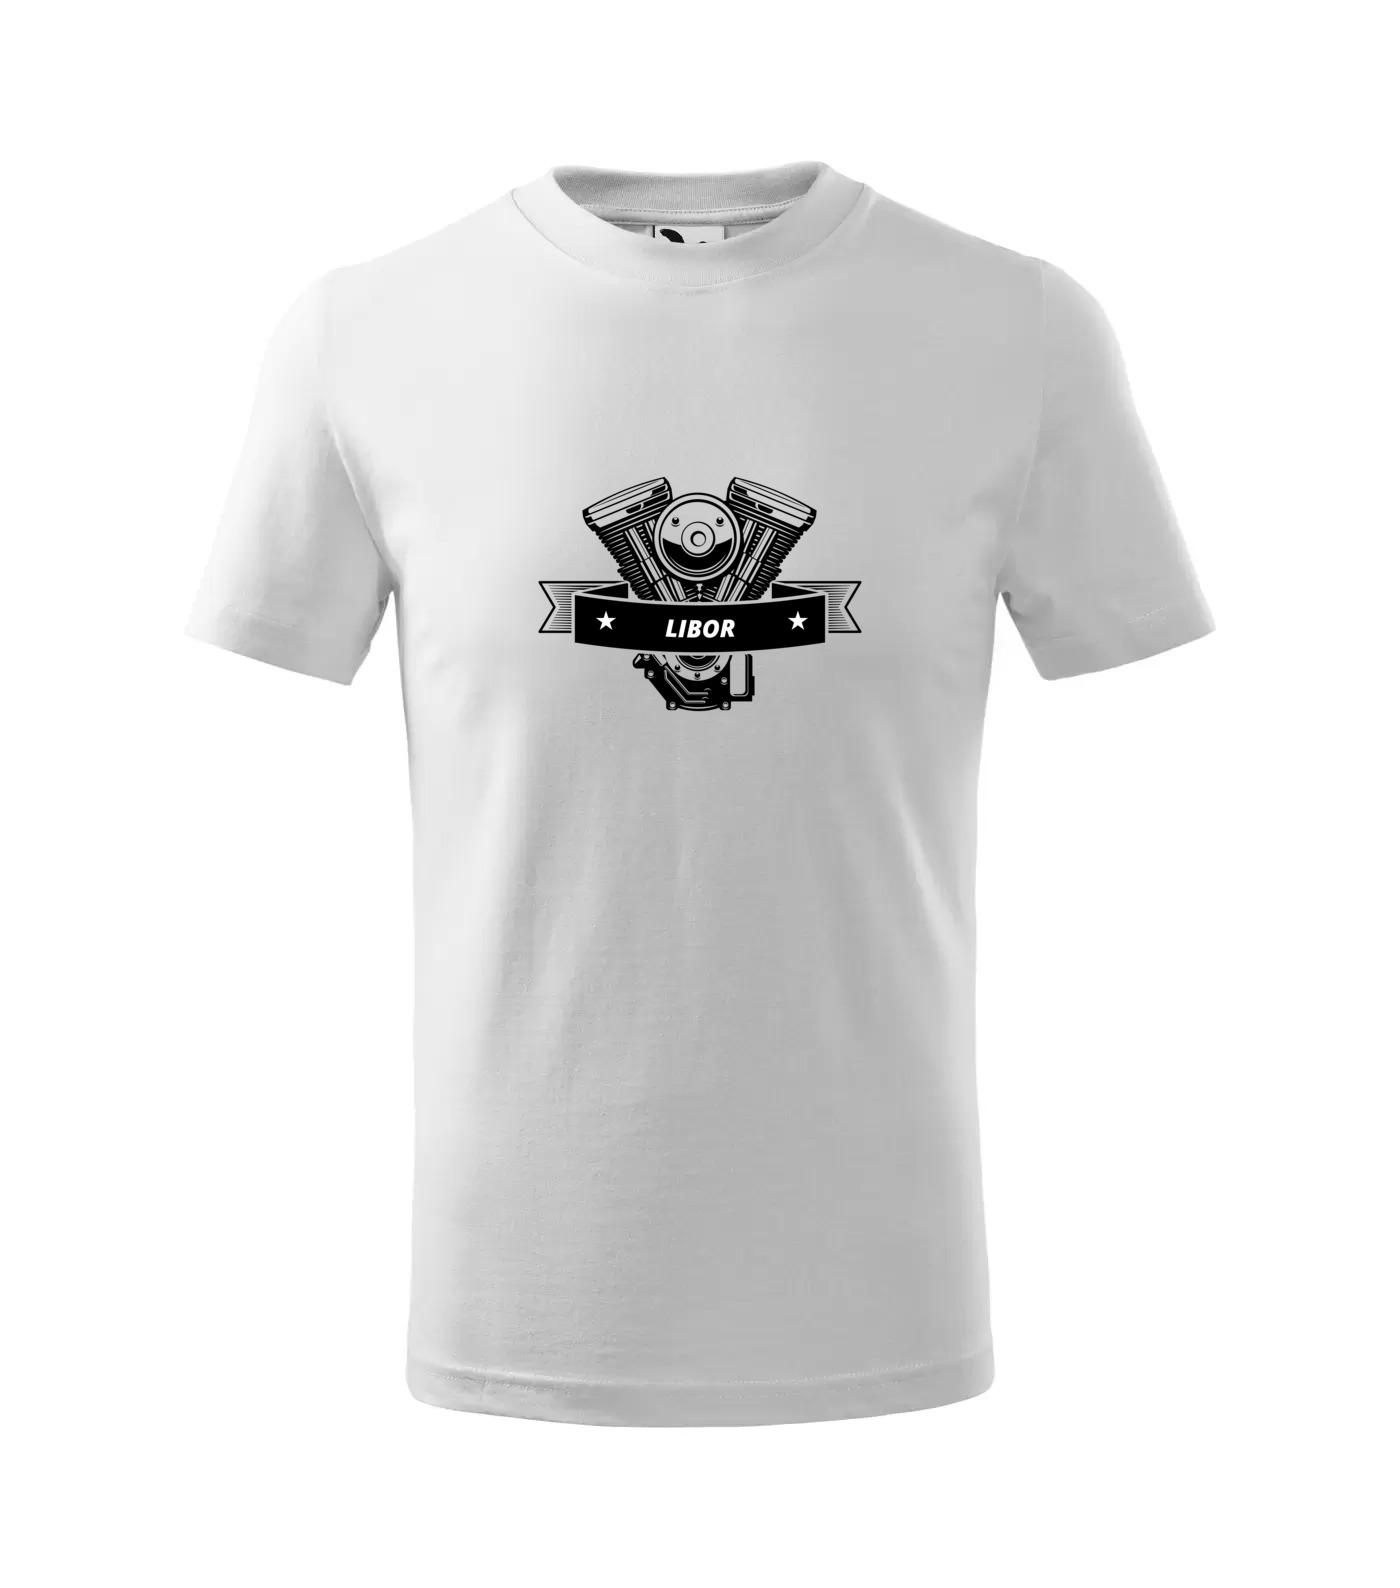 Tričko Motorkář Libor